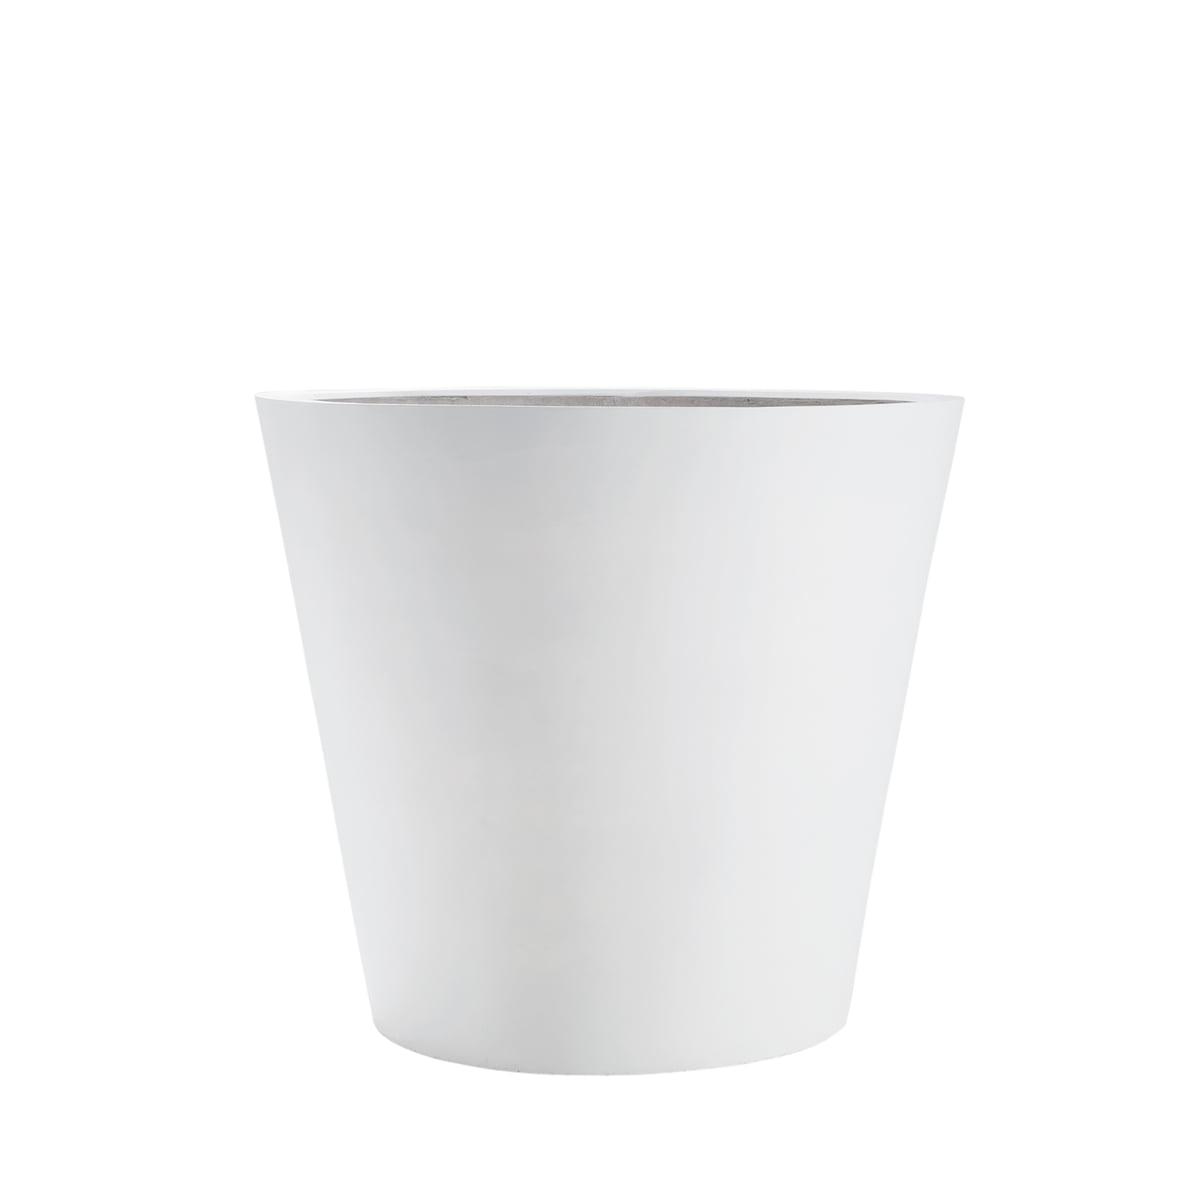 Amei - Der Runde Pflanzkübel, S, weiß | Dekoration > Dekopflanzen > Pflanzenkübel | Amei